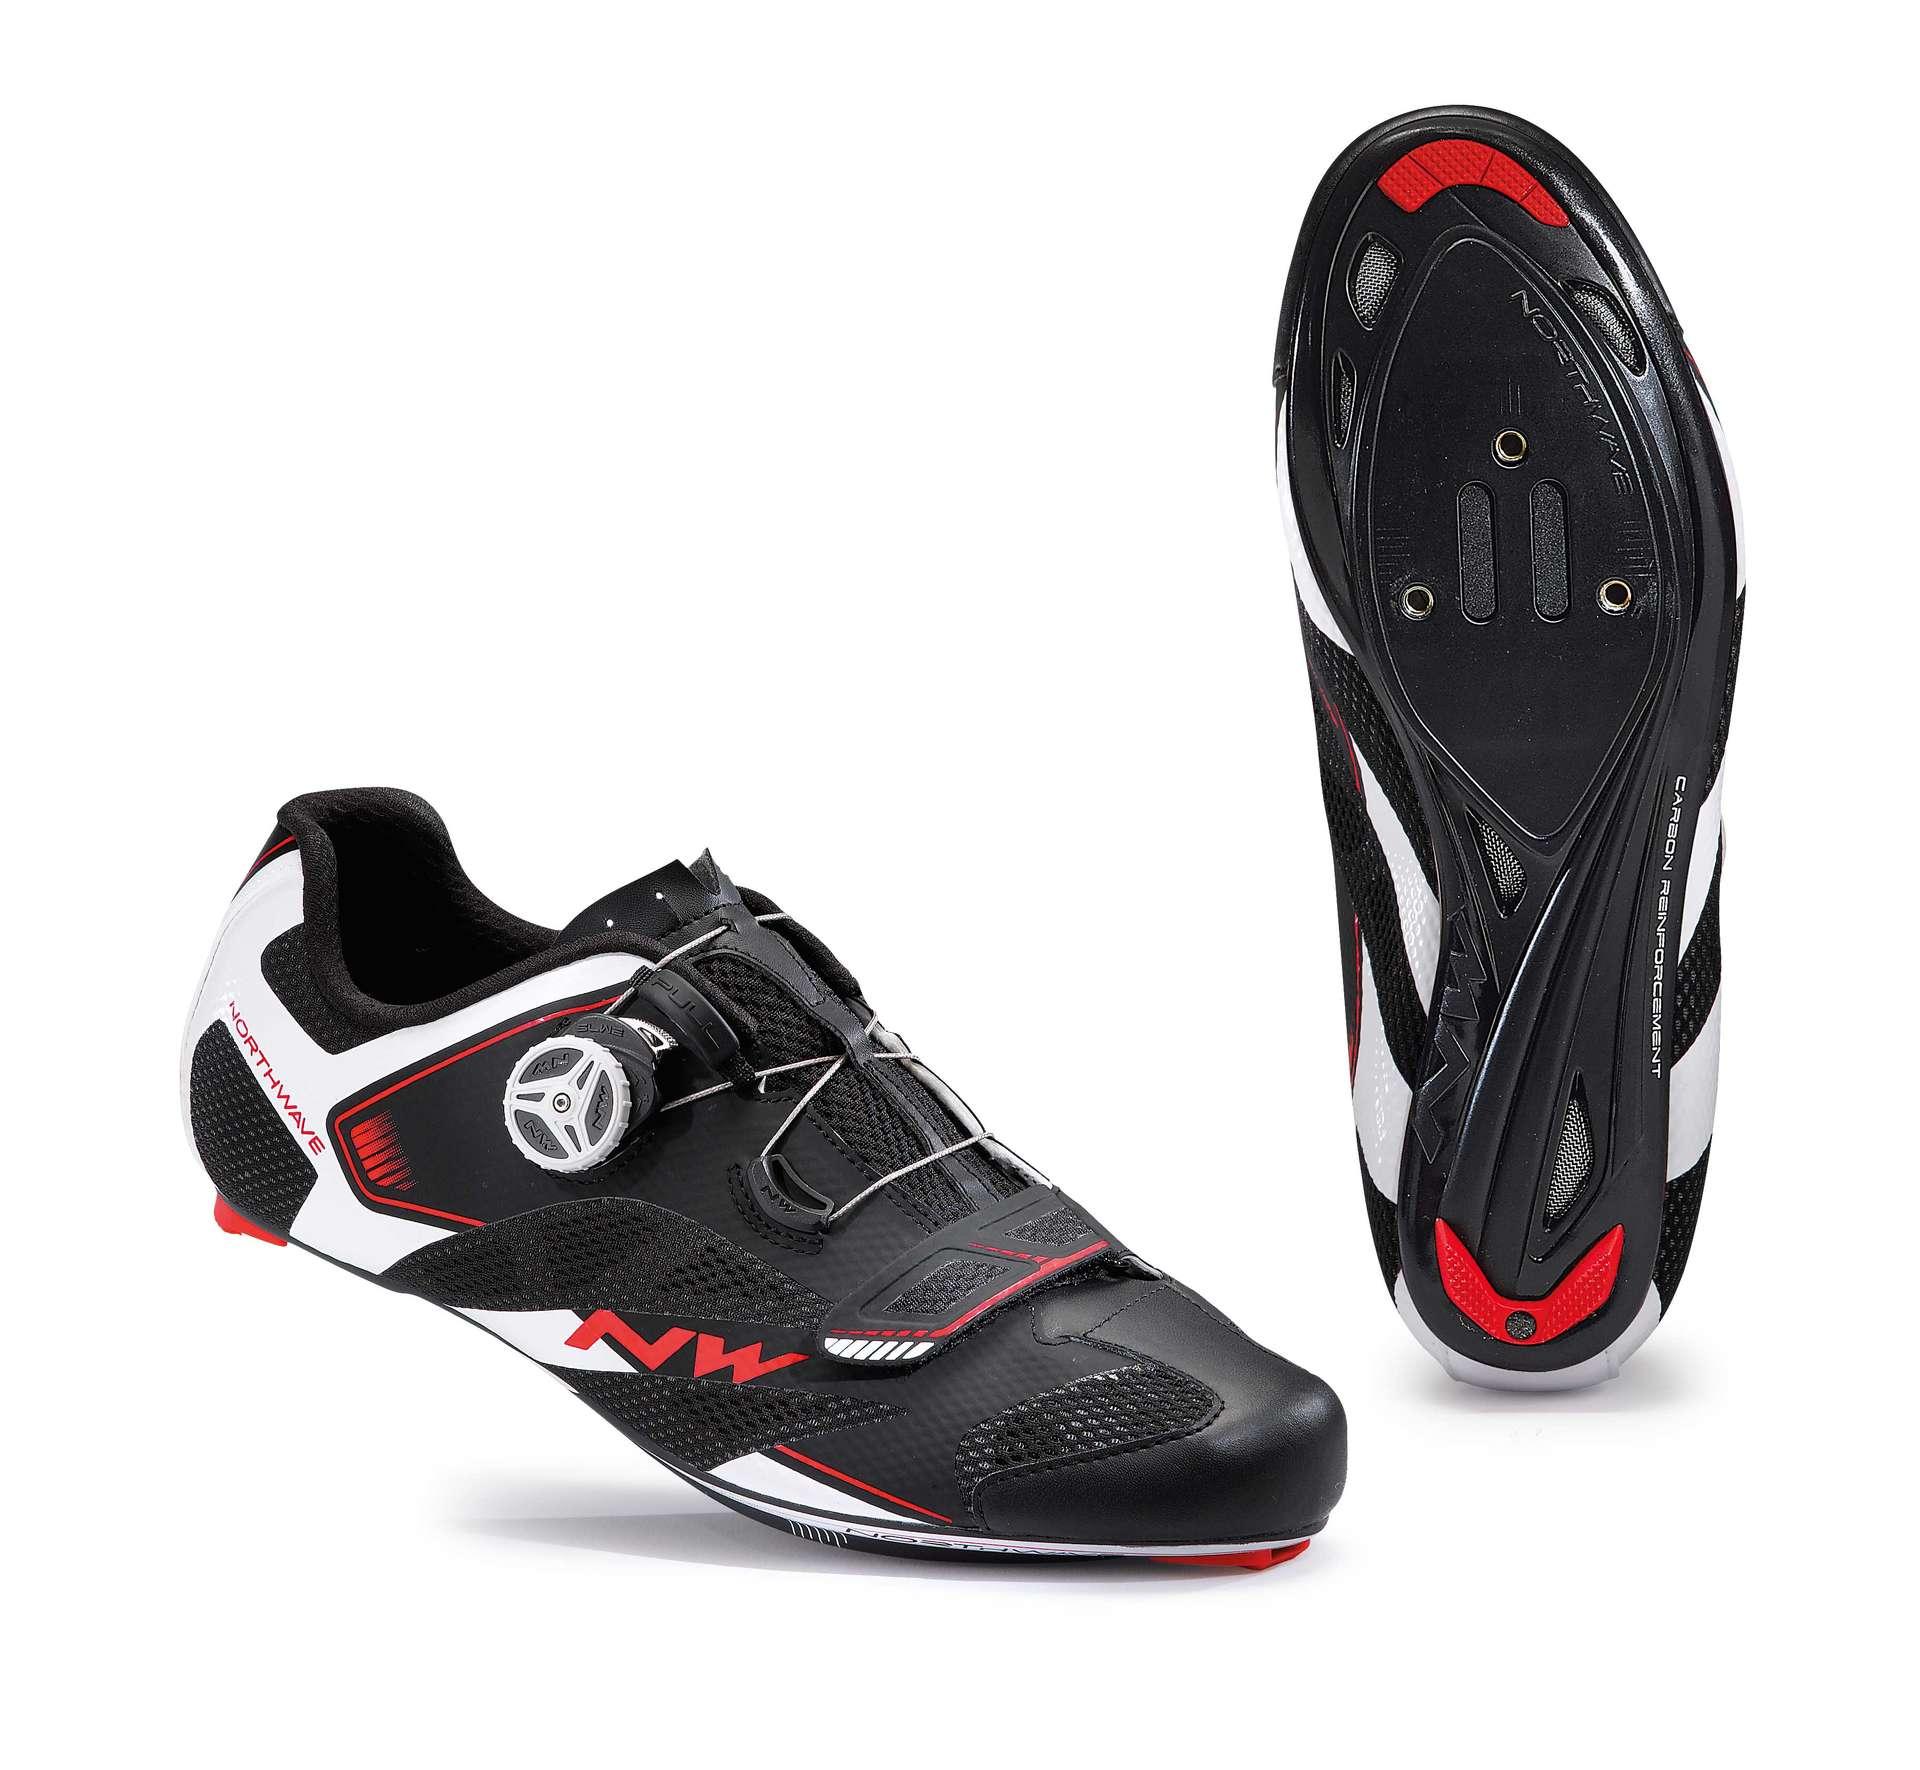 Northwave Chaussures Blanches Avec Velcro Pour Les Hommes jhhpuFhns1